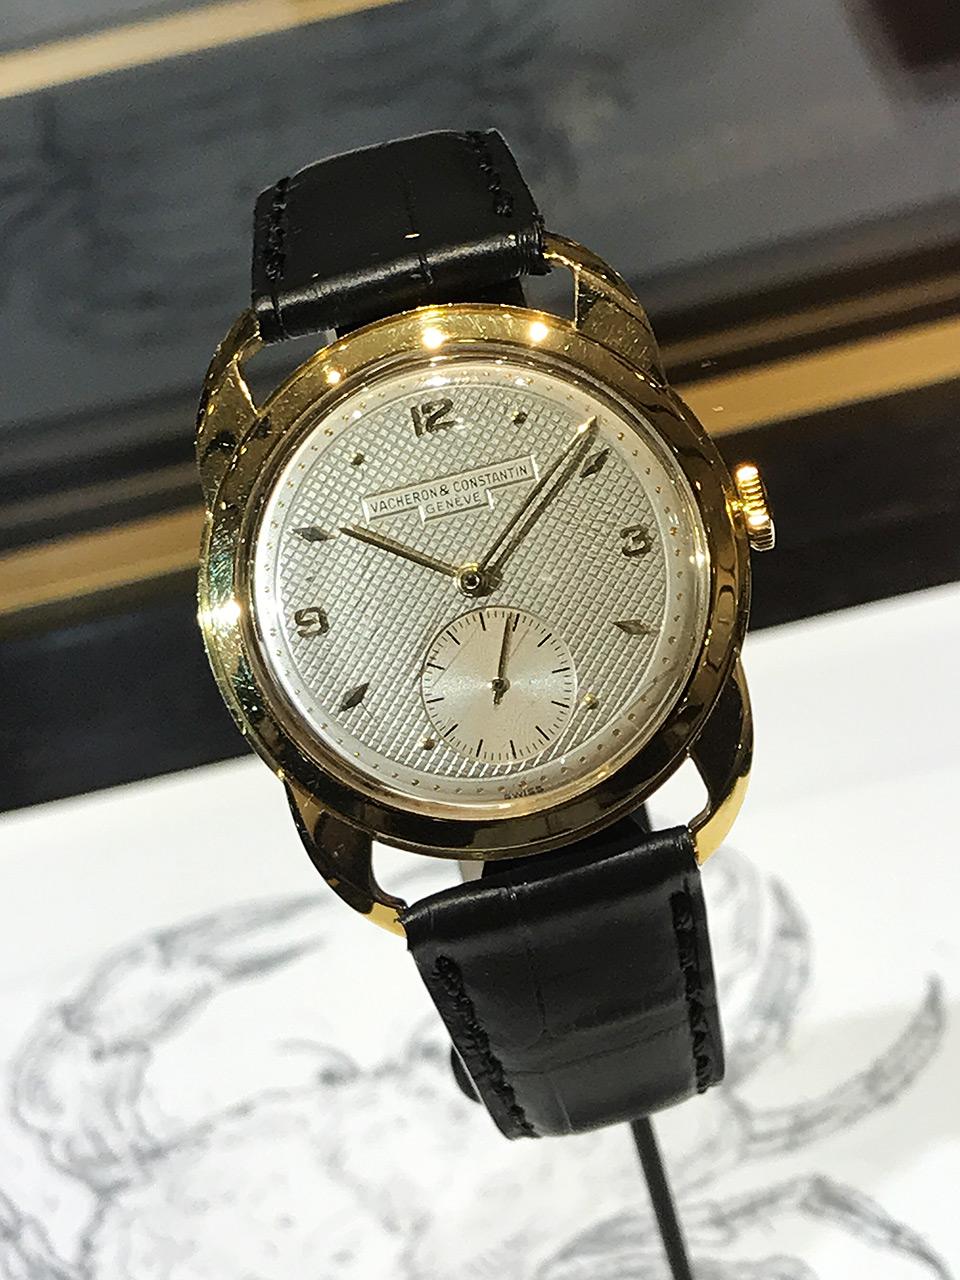 180319-vacheron-constantin-geneva-manufacture-boutique-ref-4659-crab-lugs